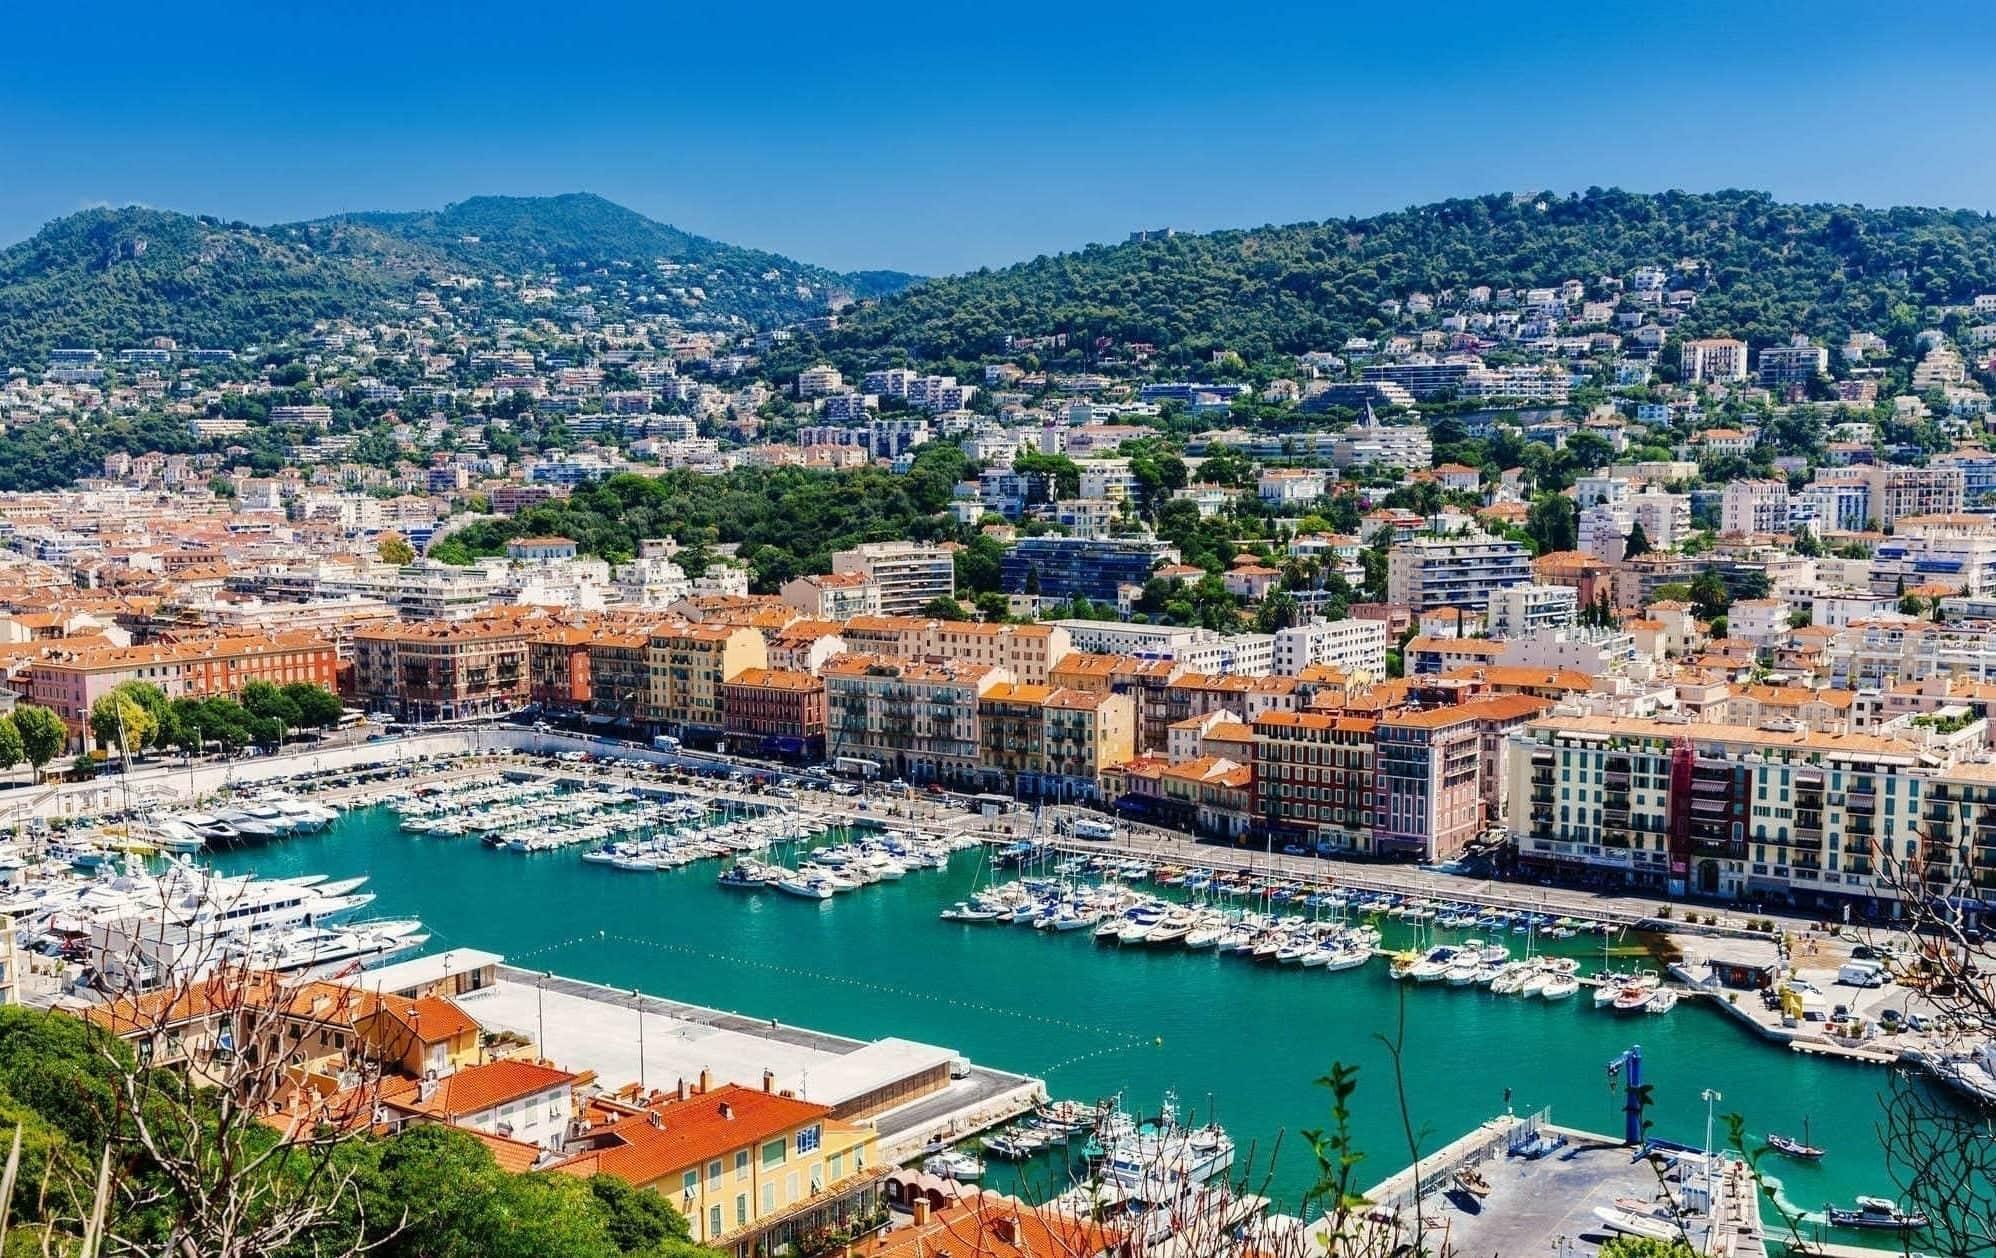 Porto di Nizza